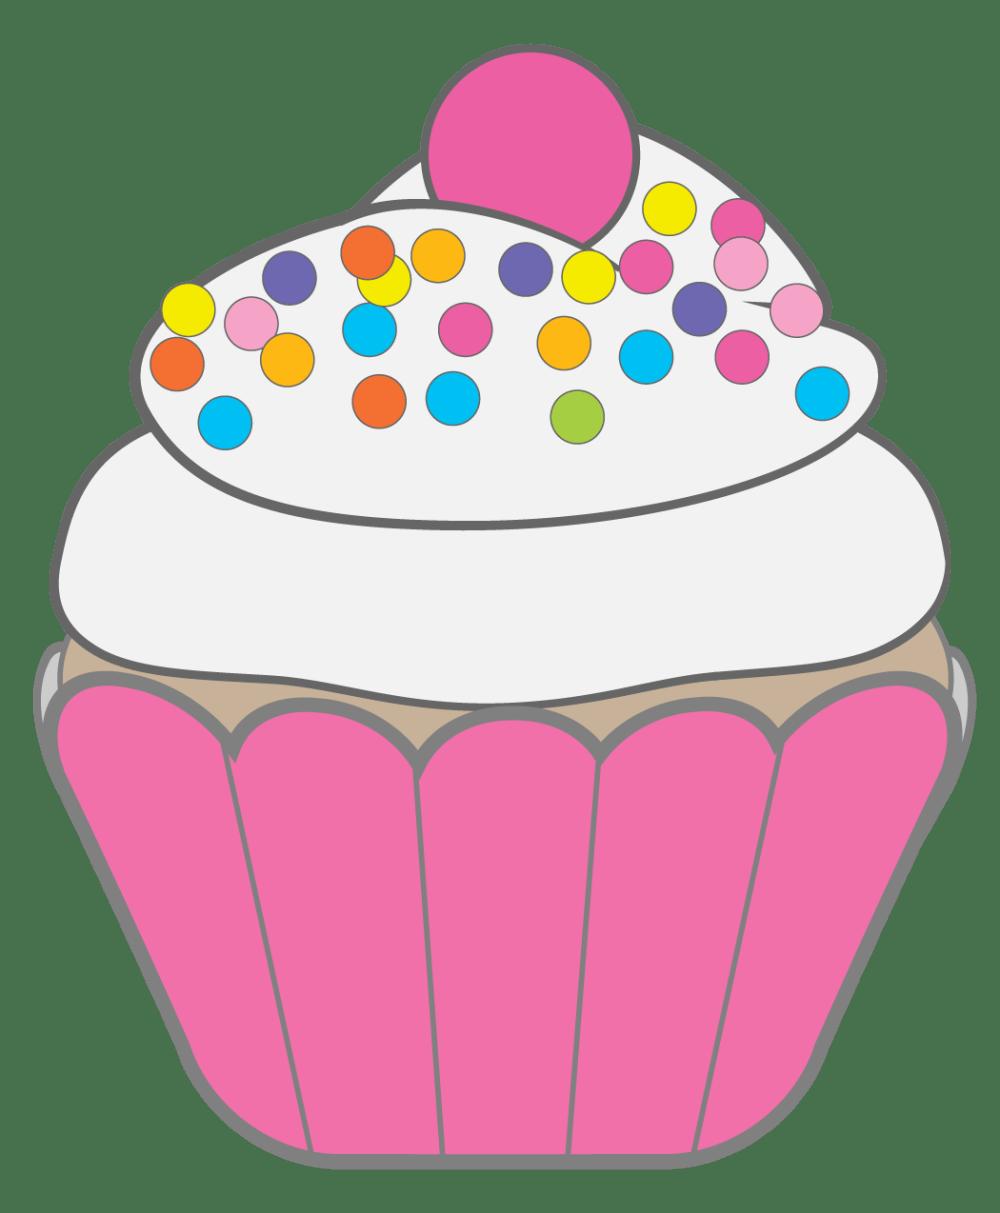 medium resolution of cupcake clip art